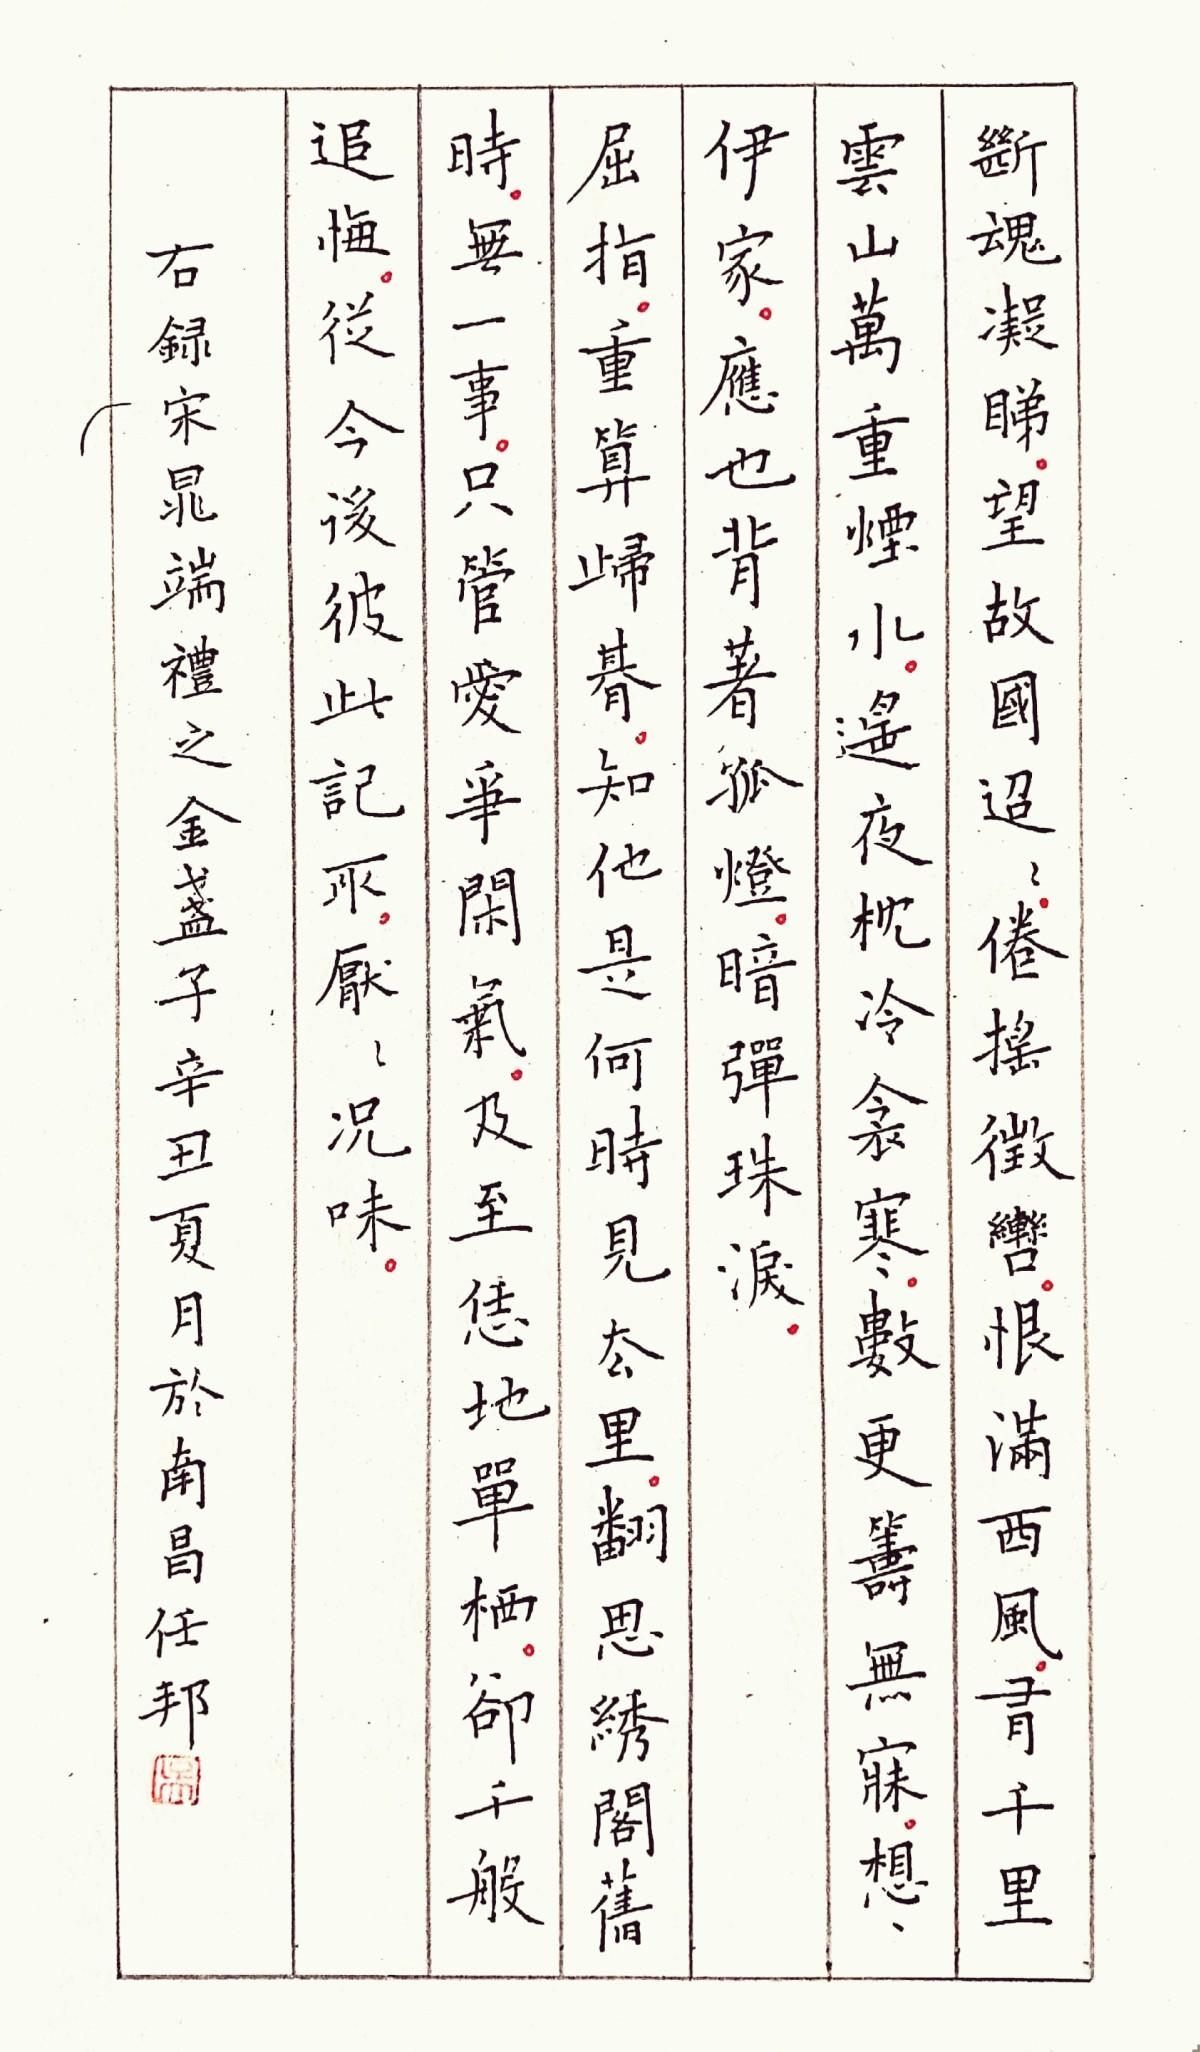 钢笔书法练字打卡20210727-23